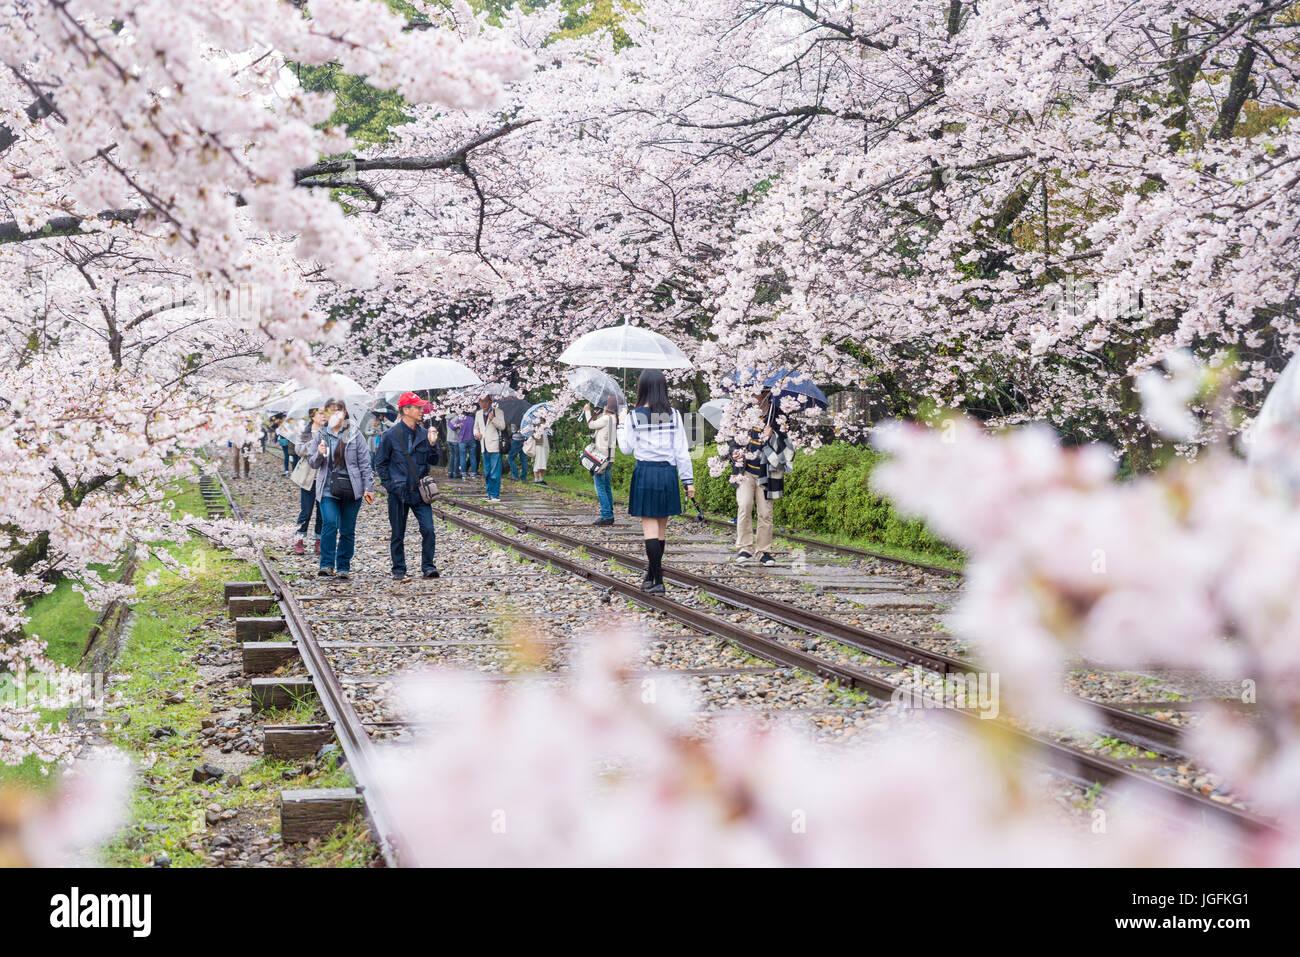 Kyoto, Japón - Abril 9, 2017: la gente disfruta el inicio de la temporada de primavera en Keage pendiente con sakura (cerezos en flor), el Protocolo de Kyoto. Foto de stock